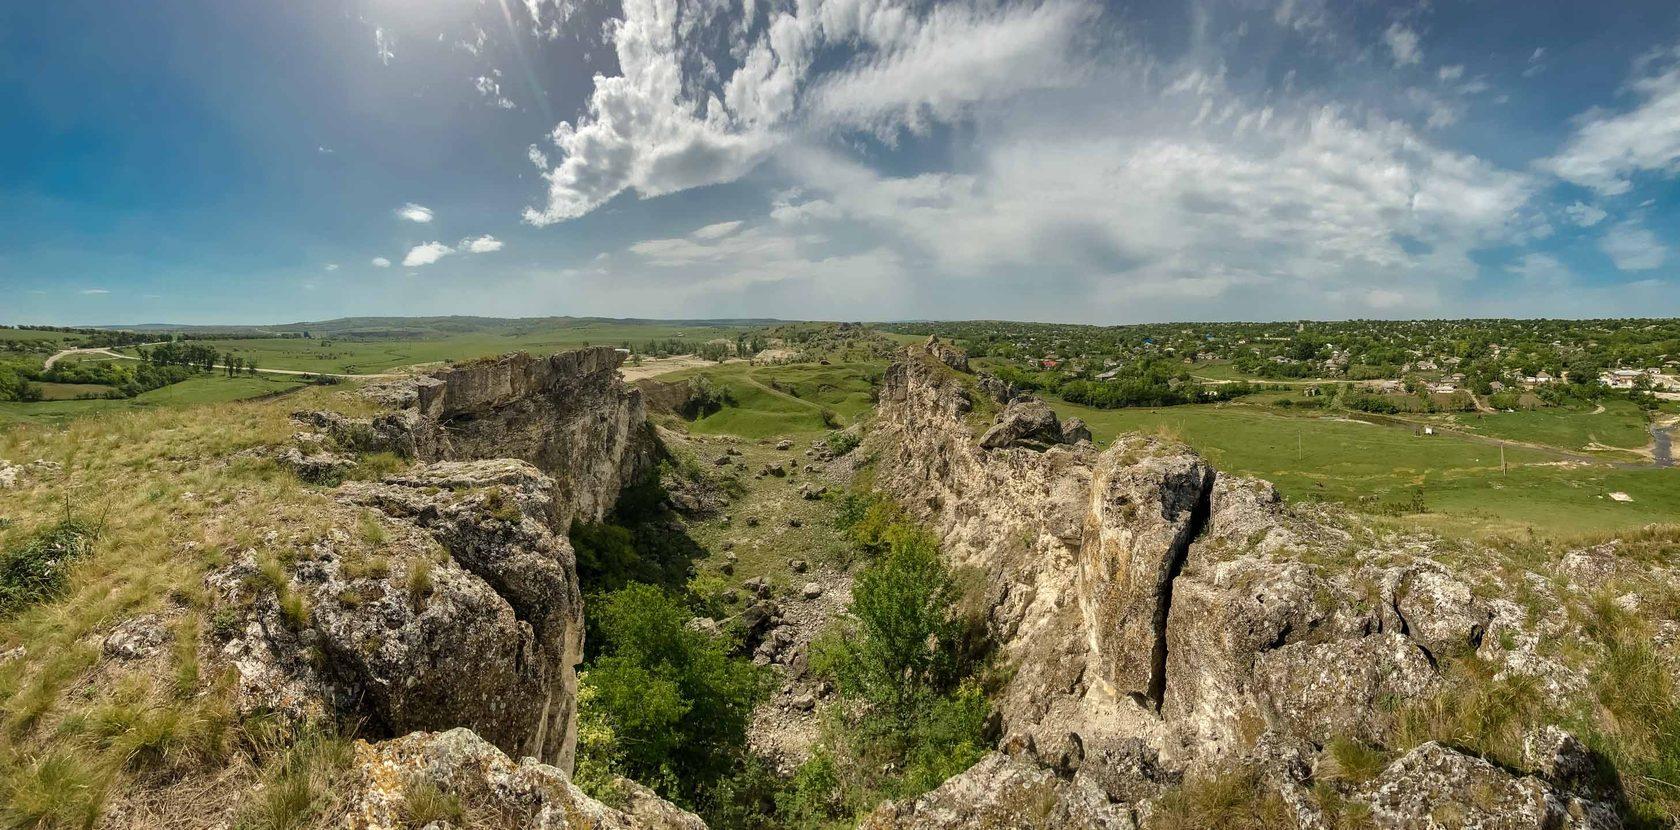 Как провести с пользой последние дни августа? Отправляйтесь в путешествие по Молдове!